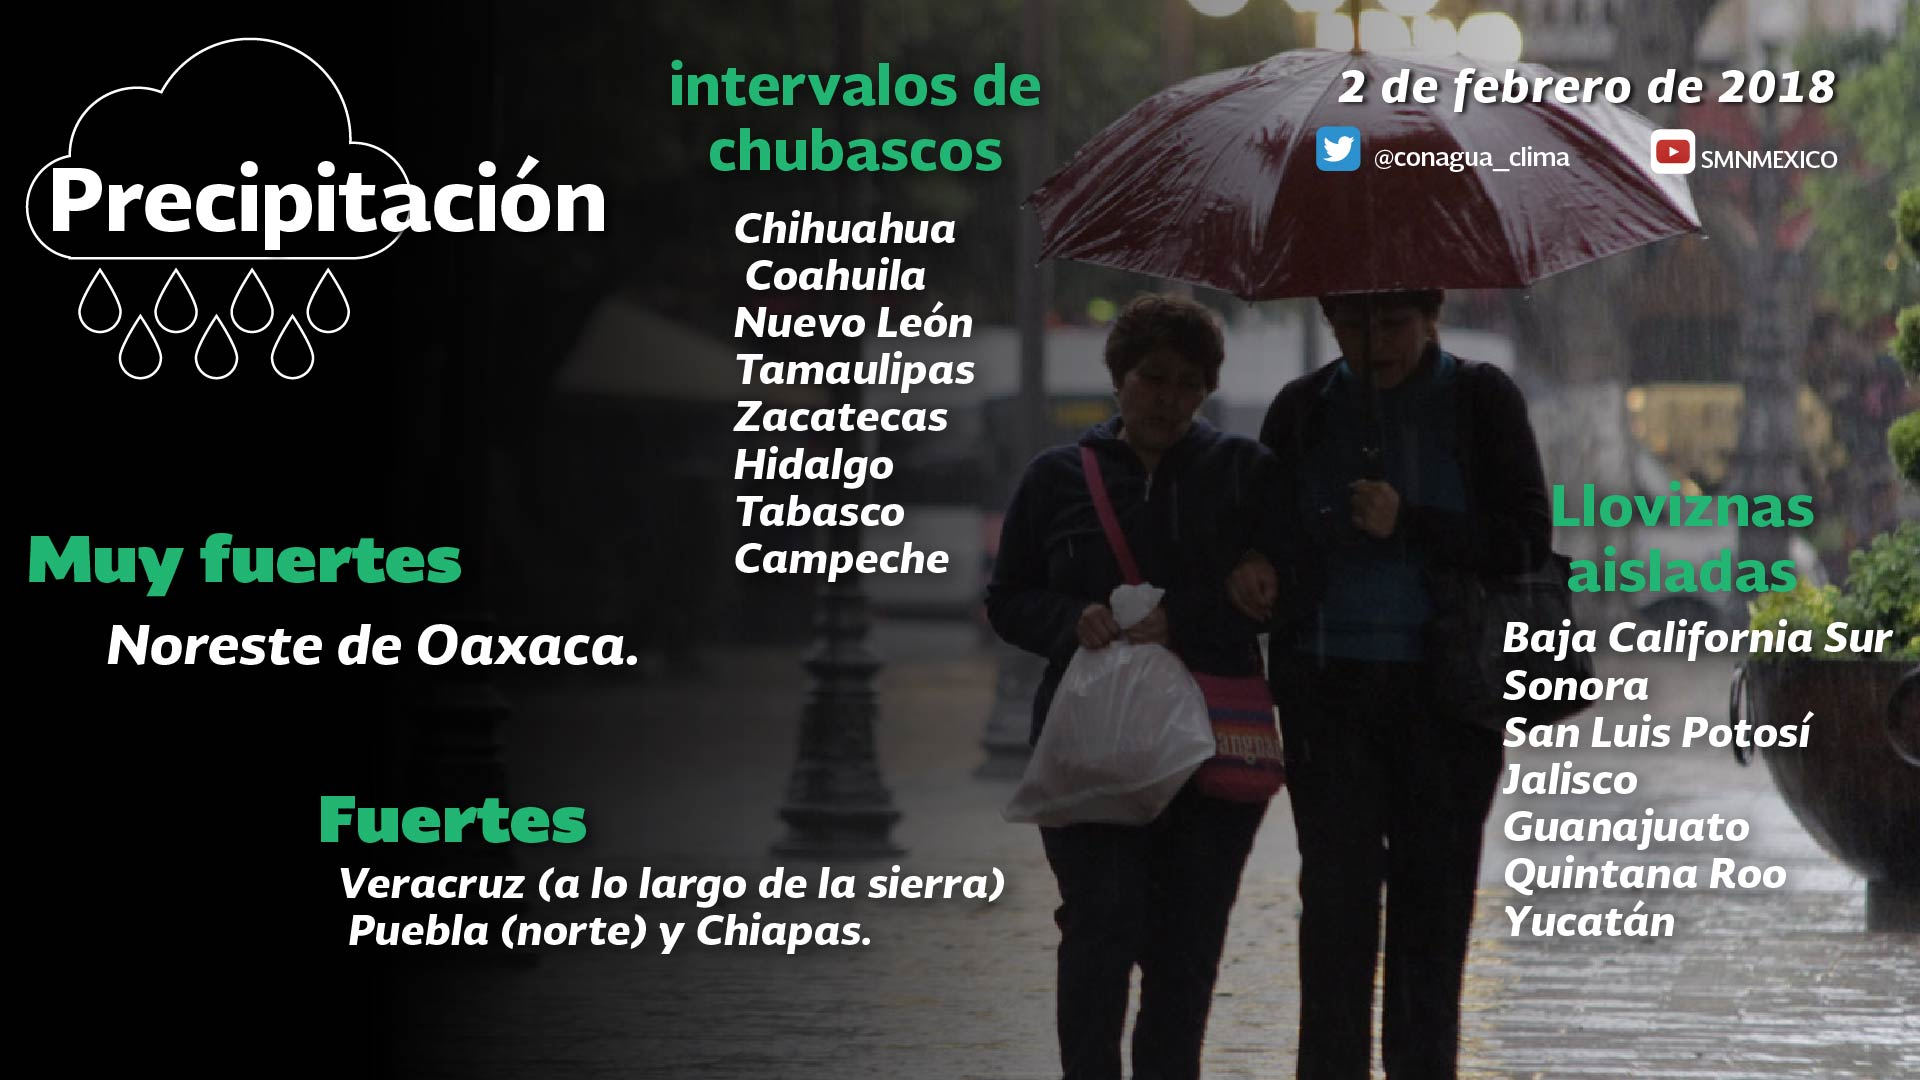 Se prevé ambiente de templado a fresco durante el día para Tlaxcala